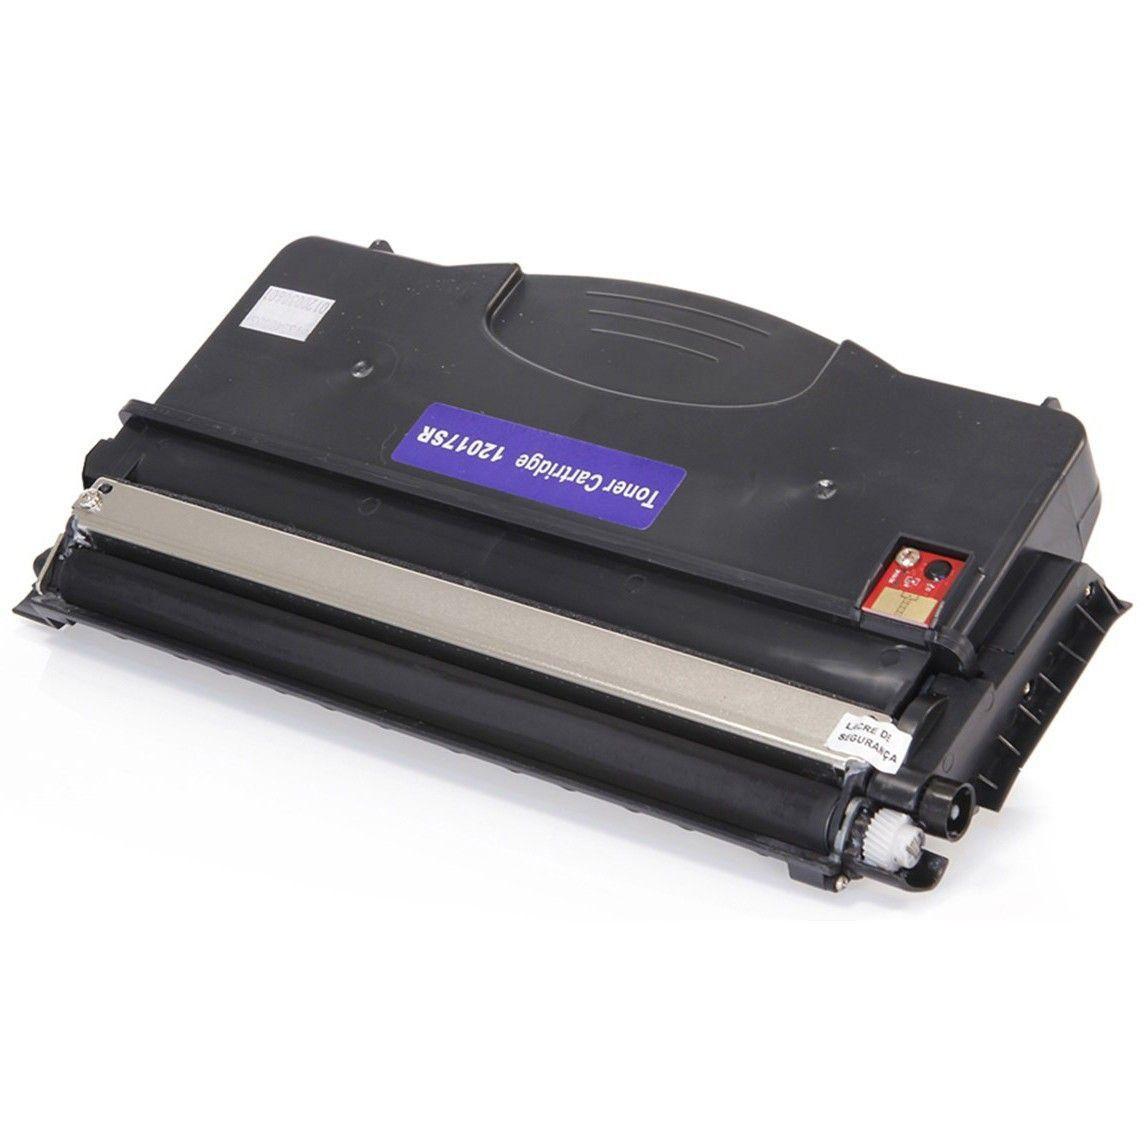 Compatível: Toner E120 para Impressora Lexmark E120n E12018sl 12018sl E12038sl 12038sl E-120n E-120 / Preto / 2.000